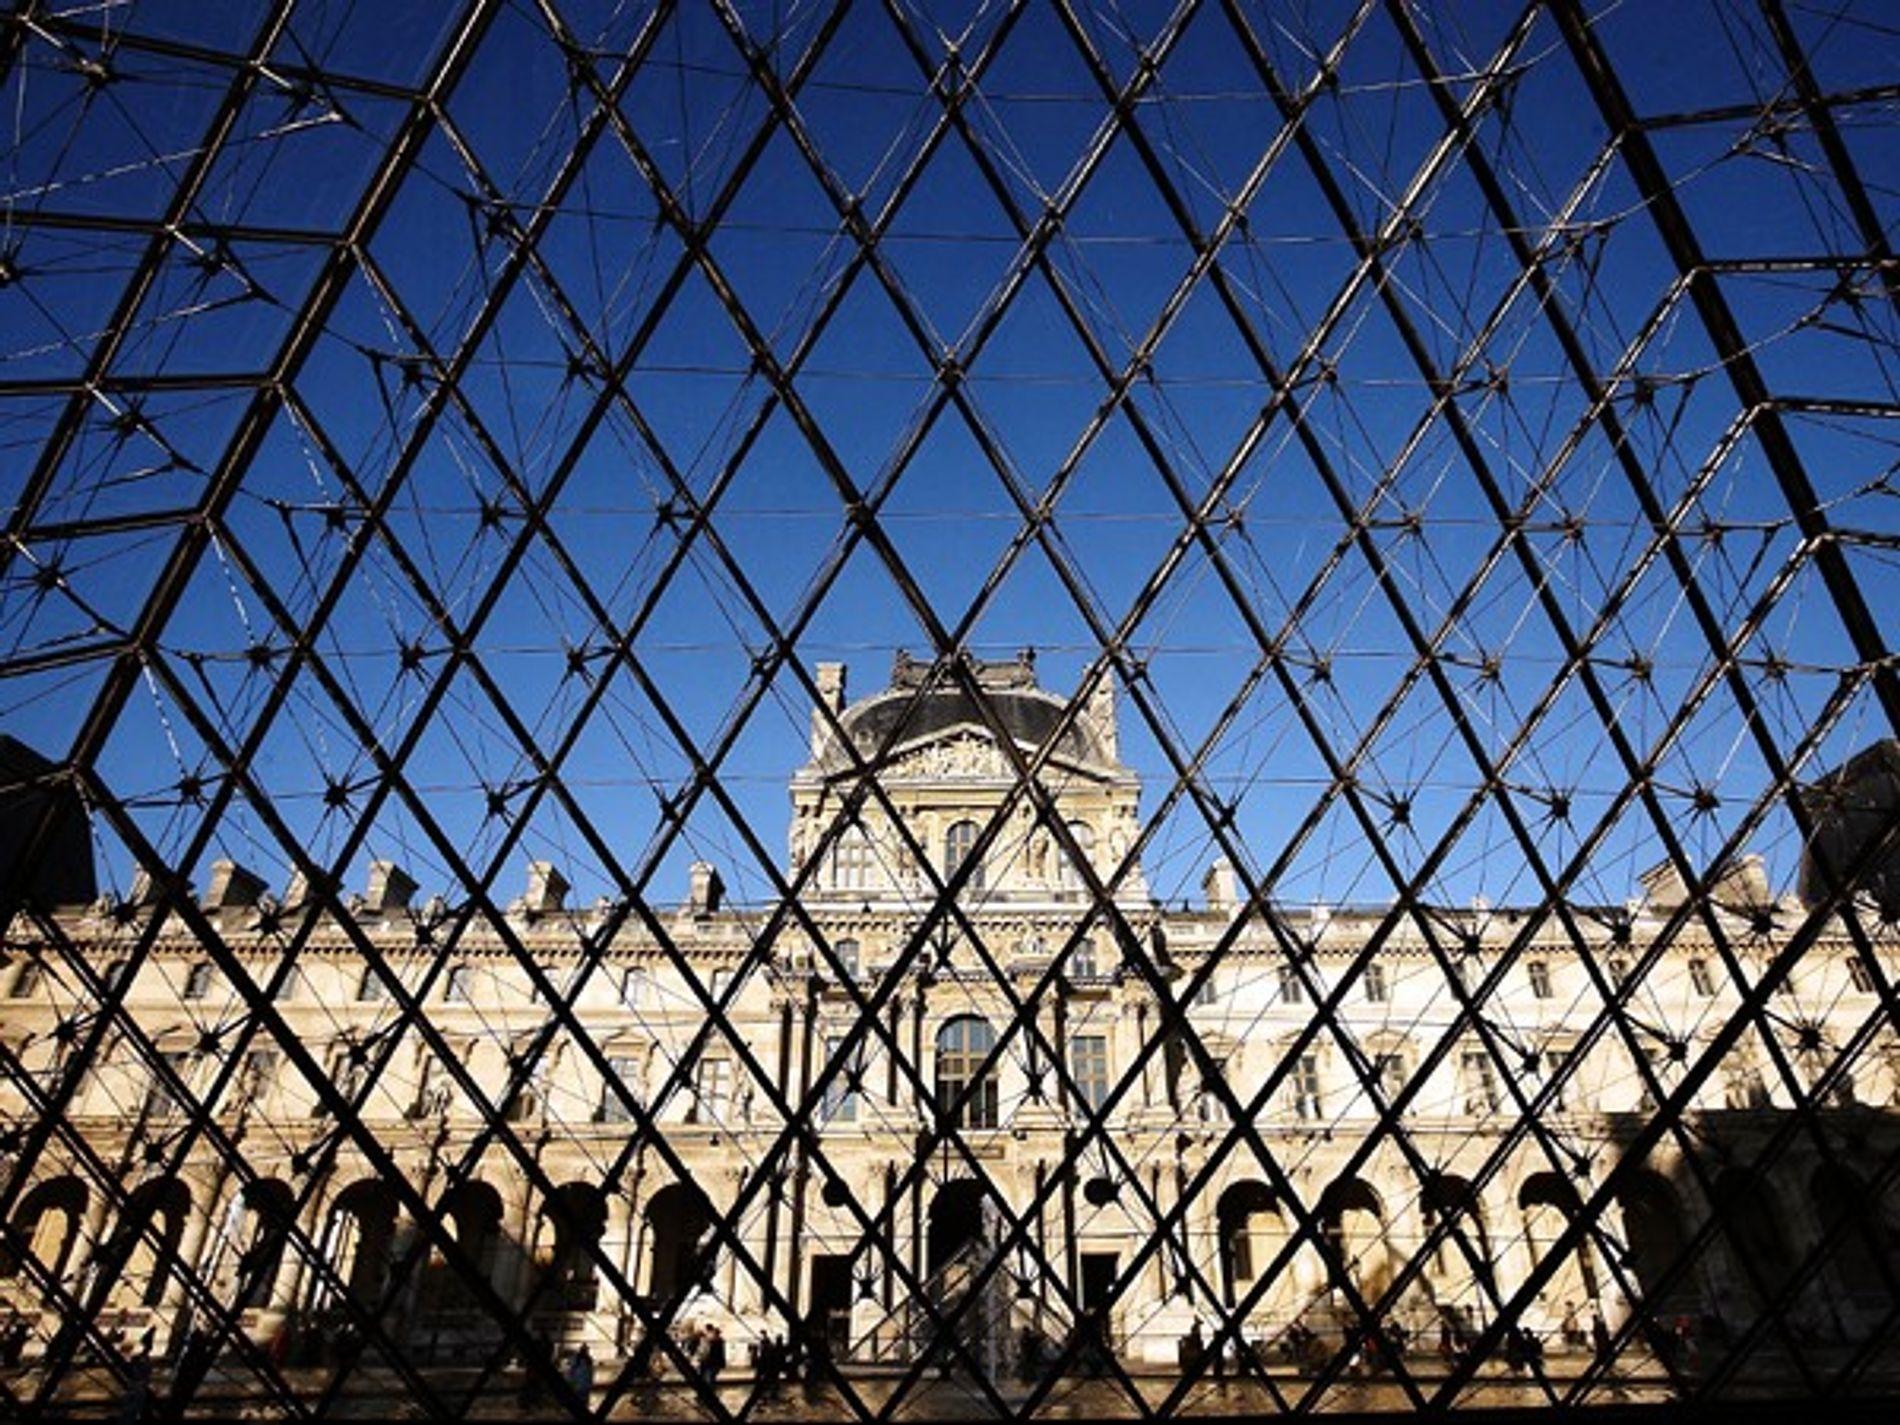 musee-du-louvre-pyramide-paris-France